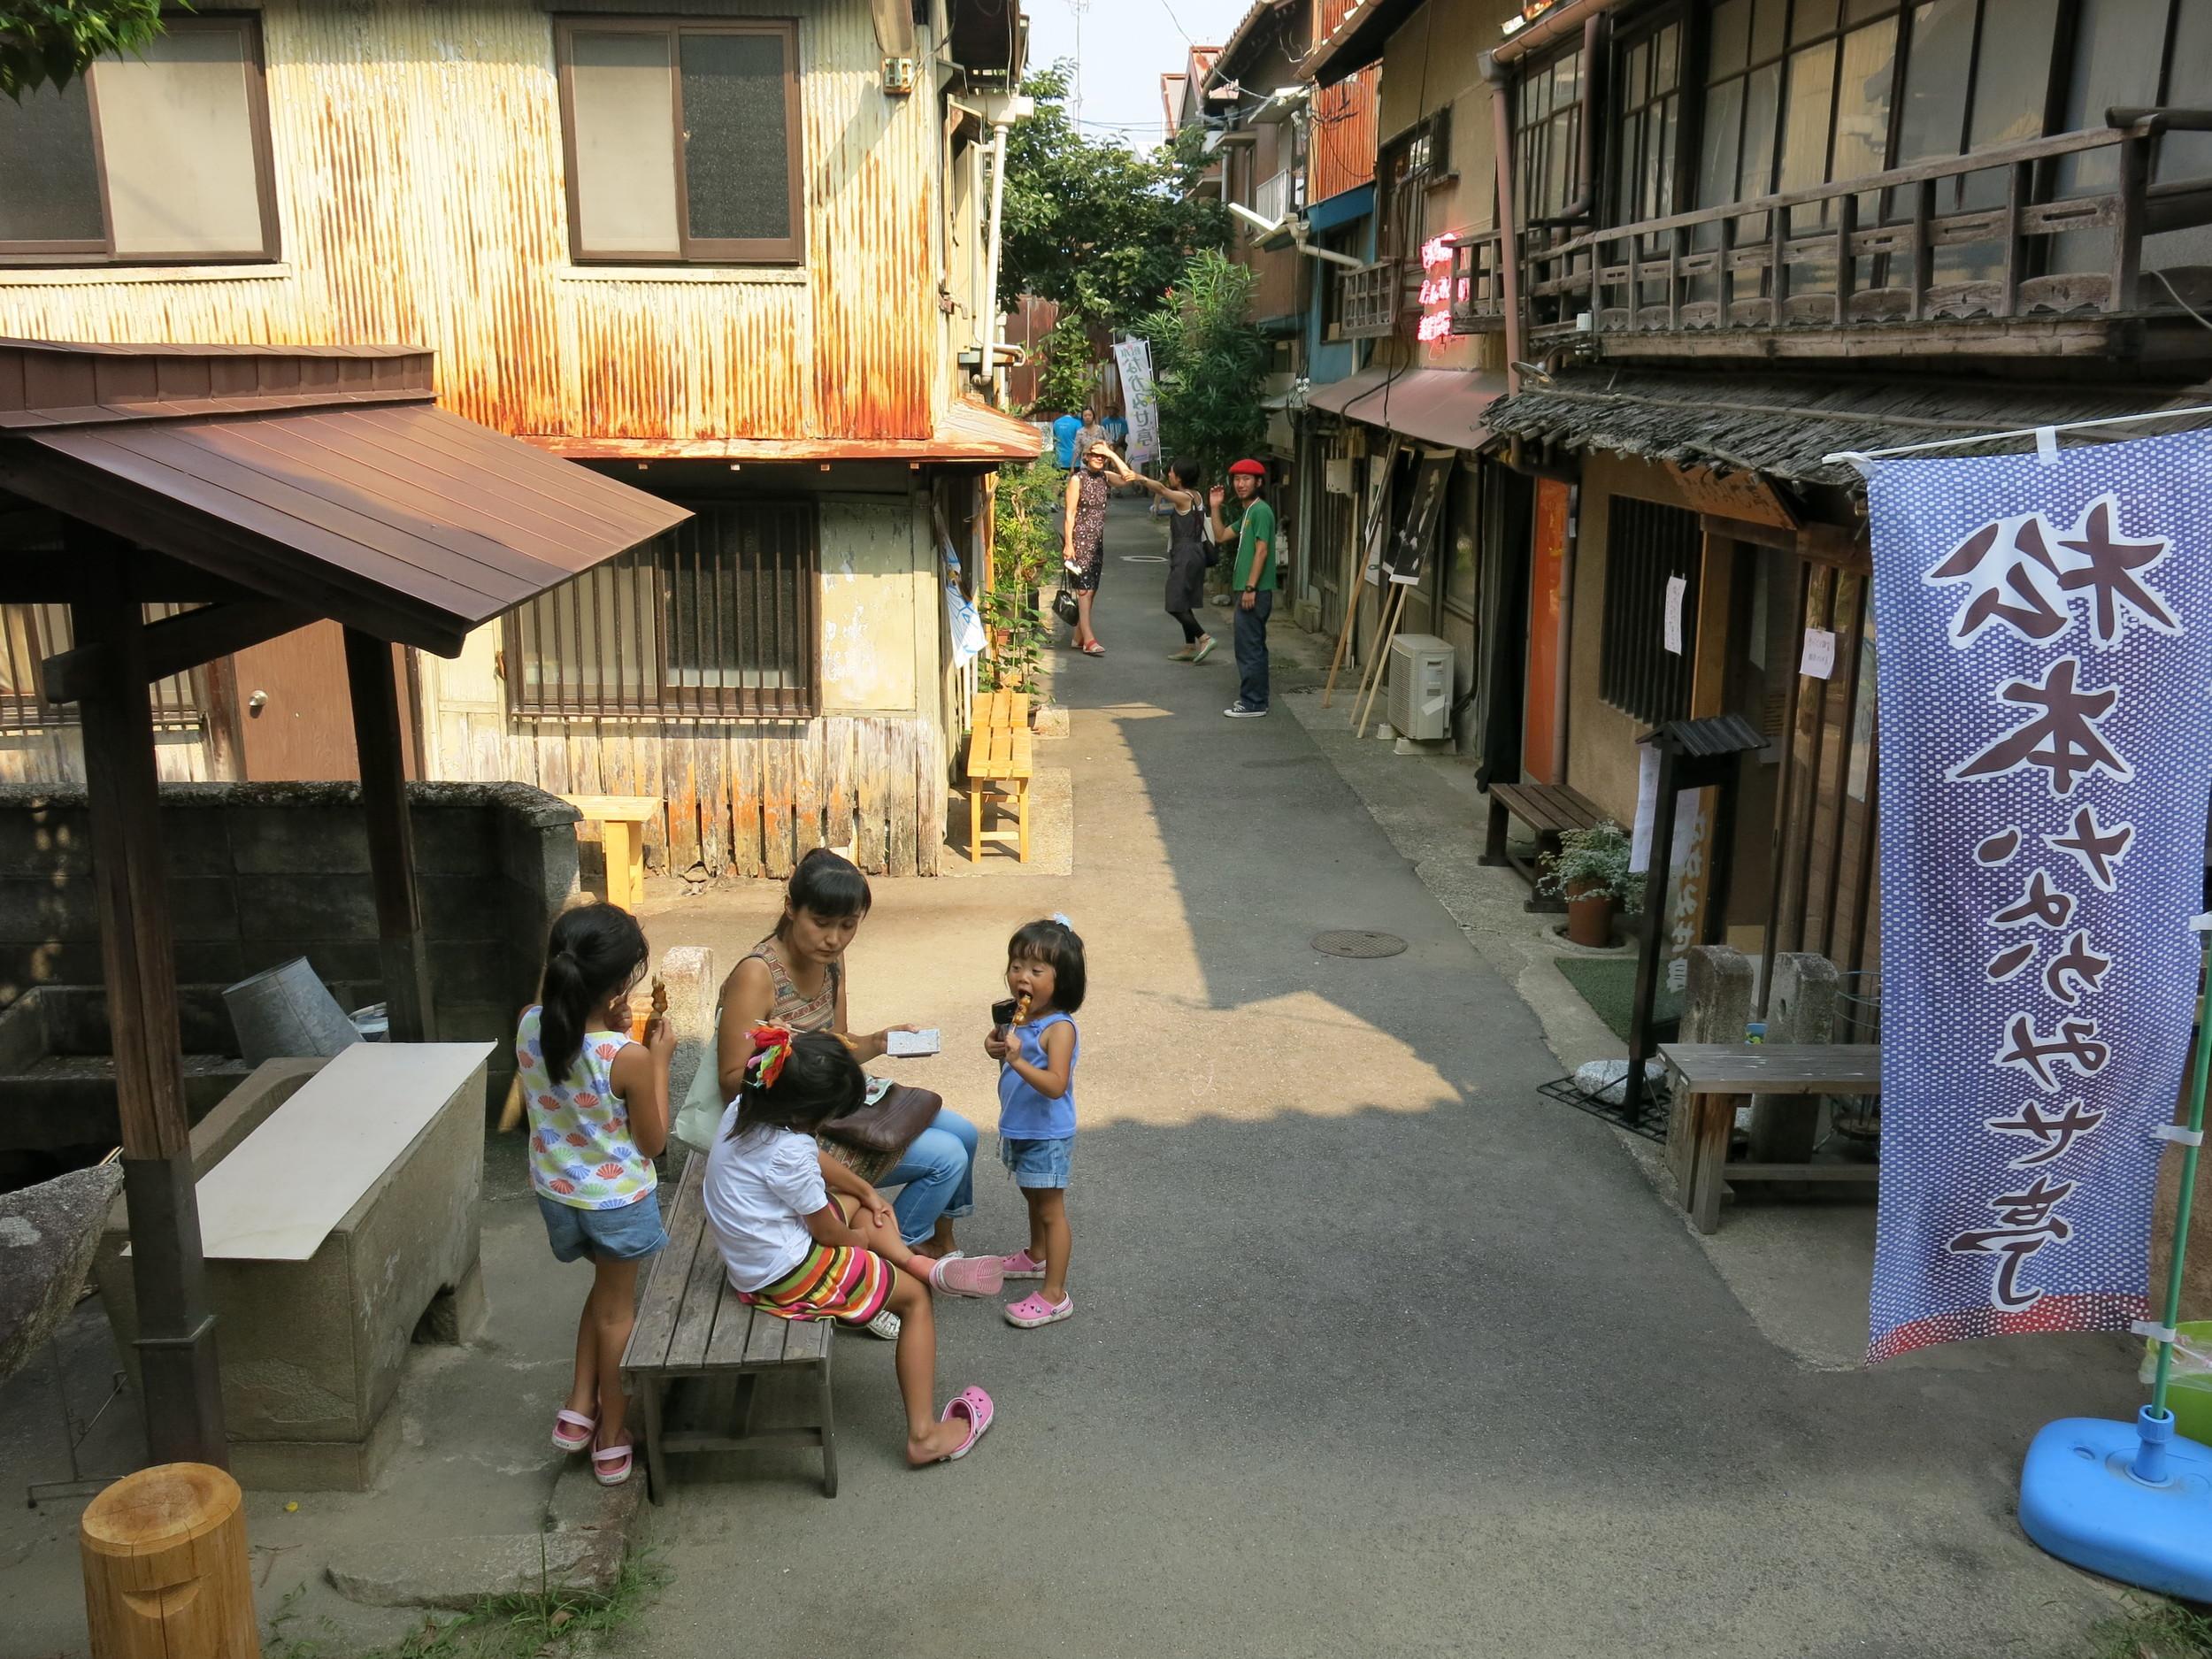 Matsumoto-cho site in the Okazaki area.